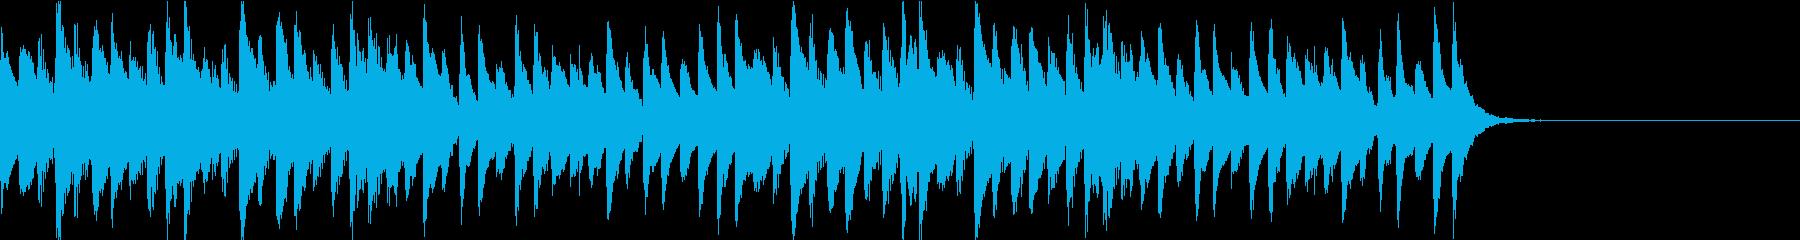 マリンバによる不思議系ジングルの再生済みの波形